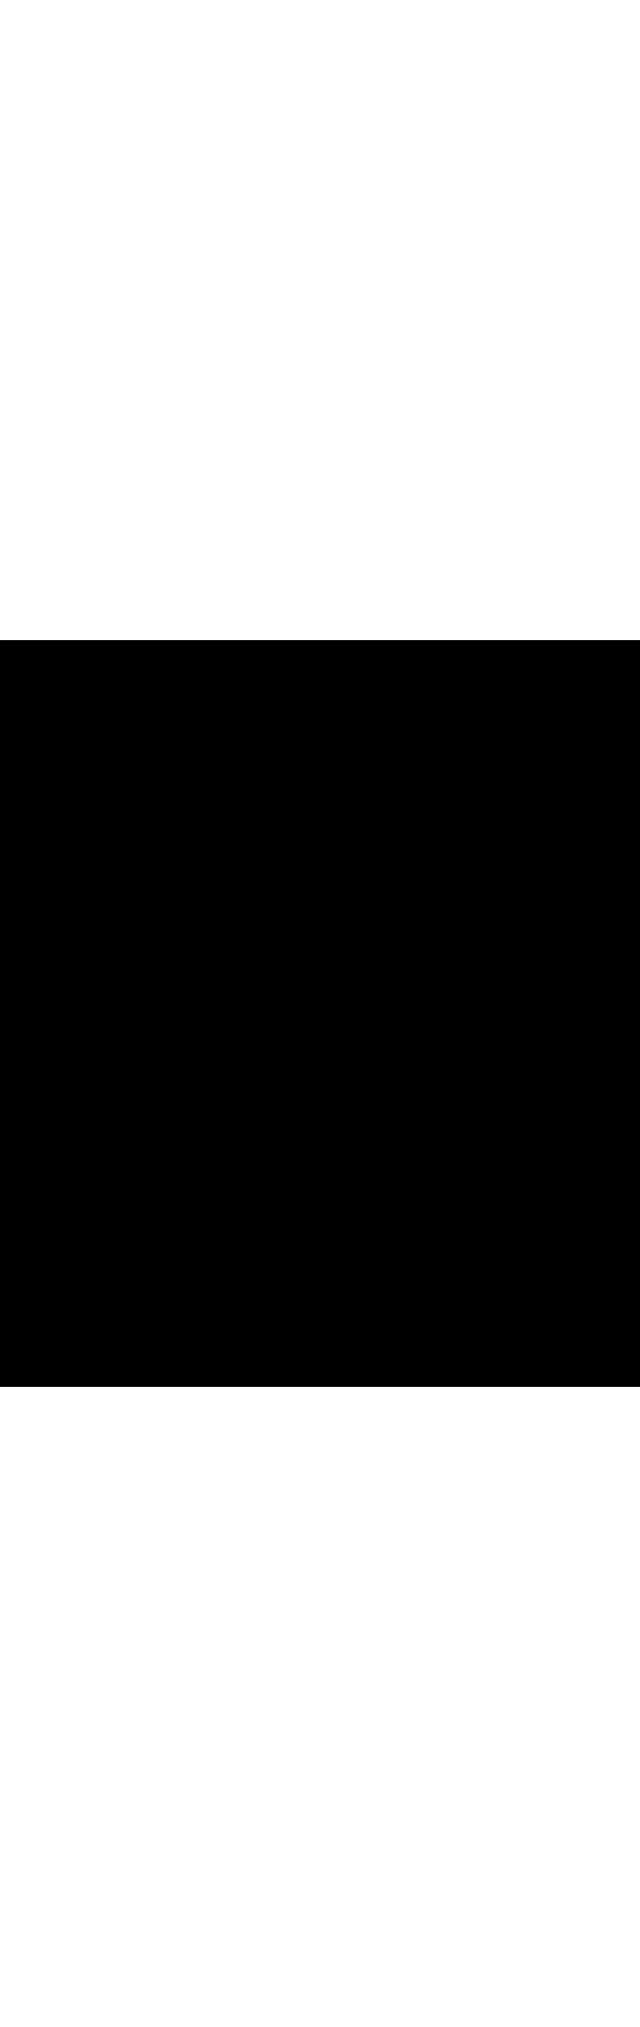 【博雅广场附近·修业街店】鱼火锅界的佼佼者!¥9.9抢价值156「齐祺渔锅」牛运无边套餐=清江鱼2斤+牛肉丸+冬瓜+千张+枣茶!